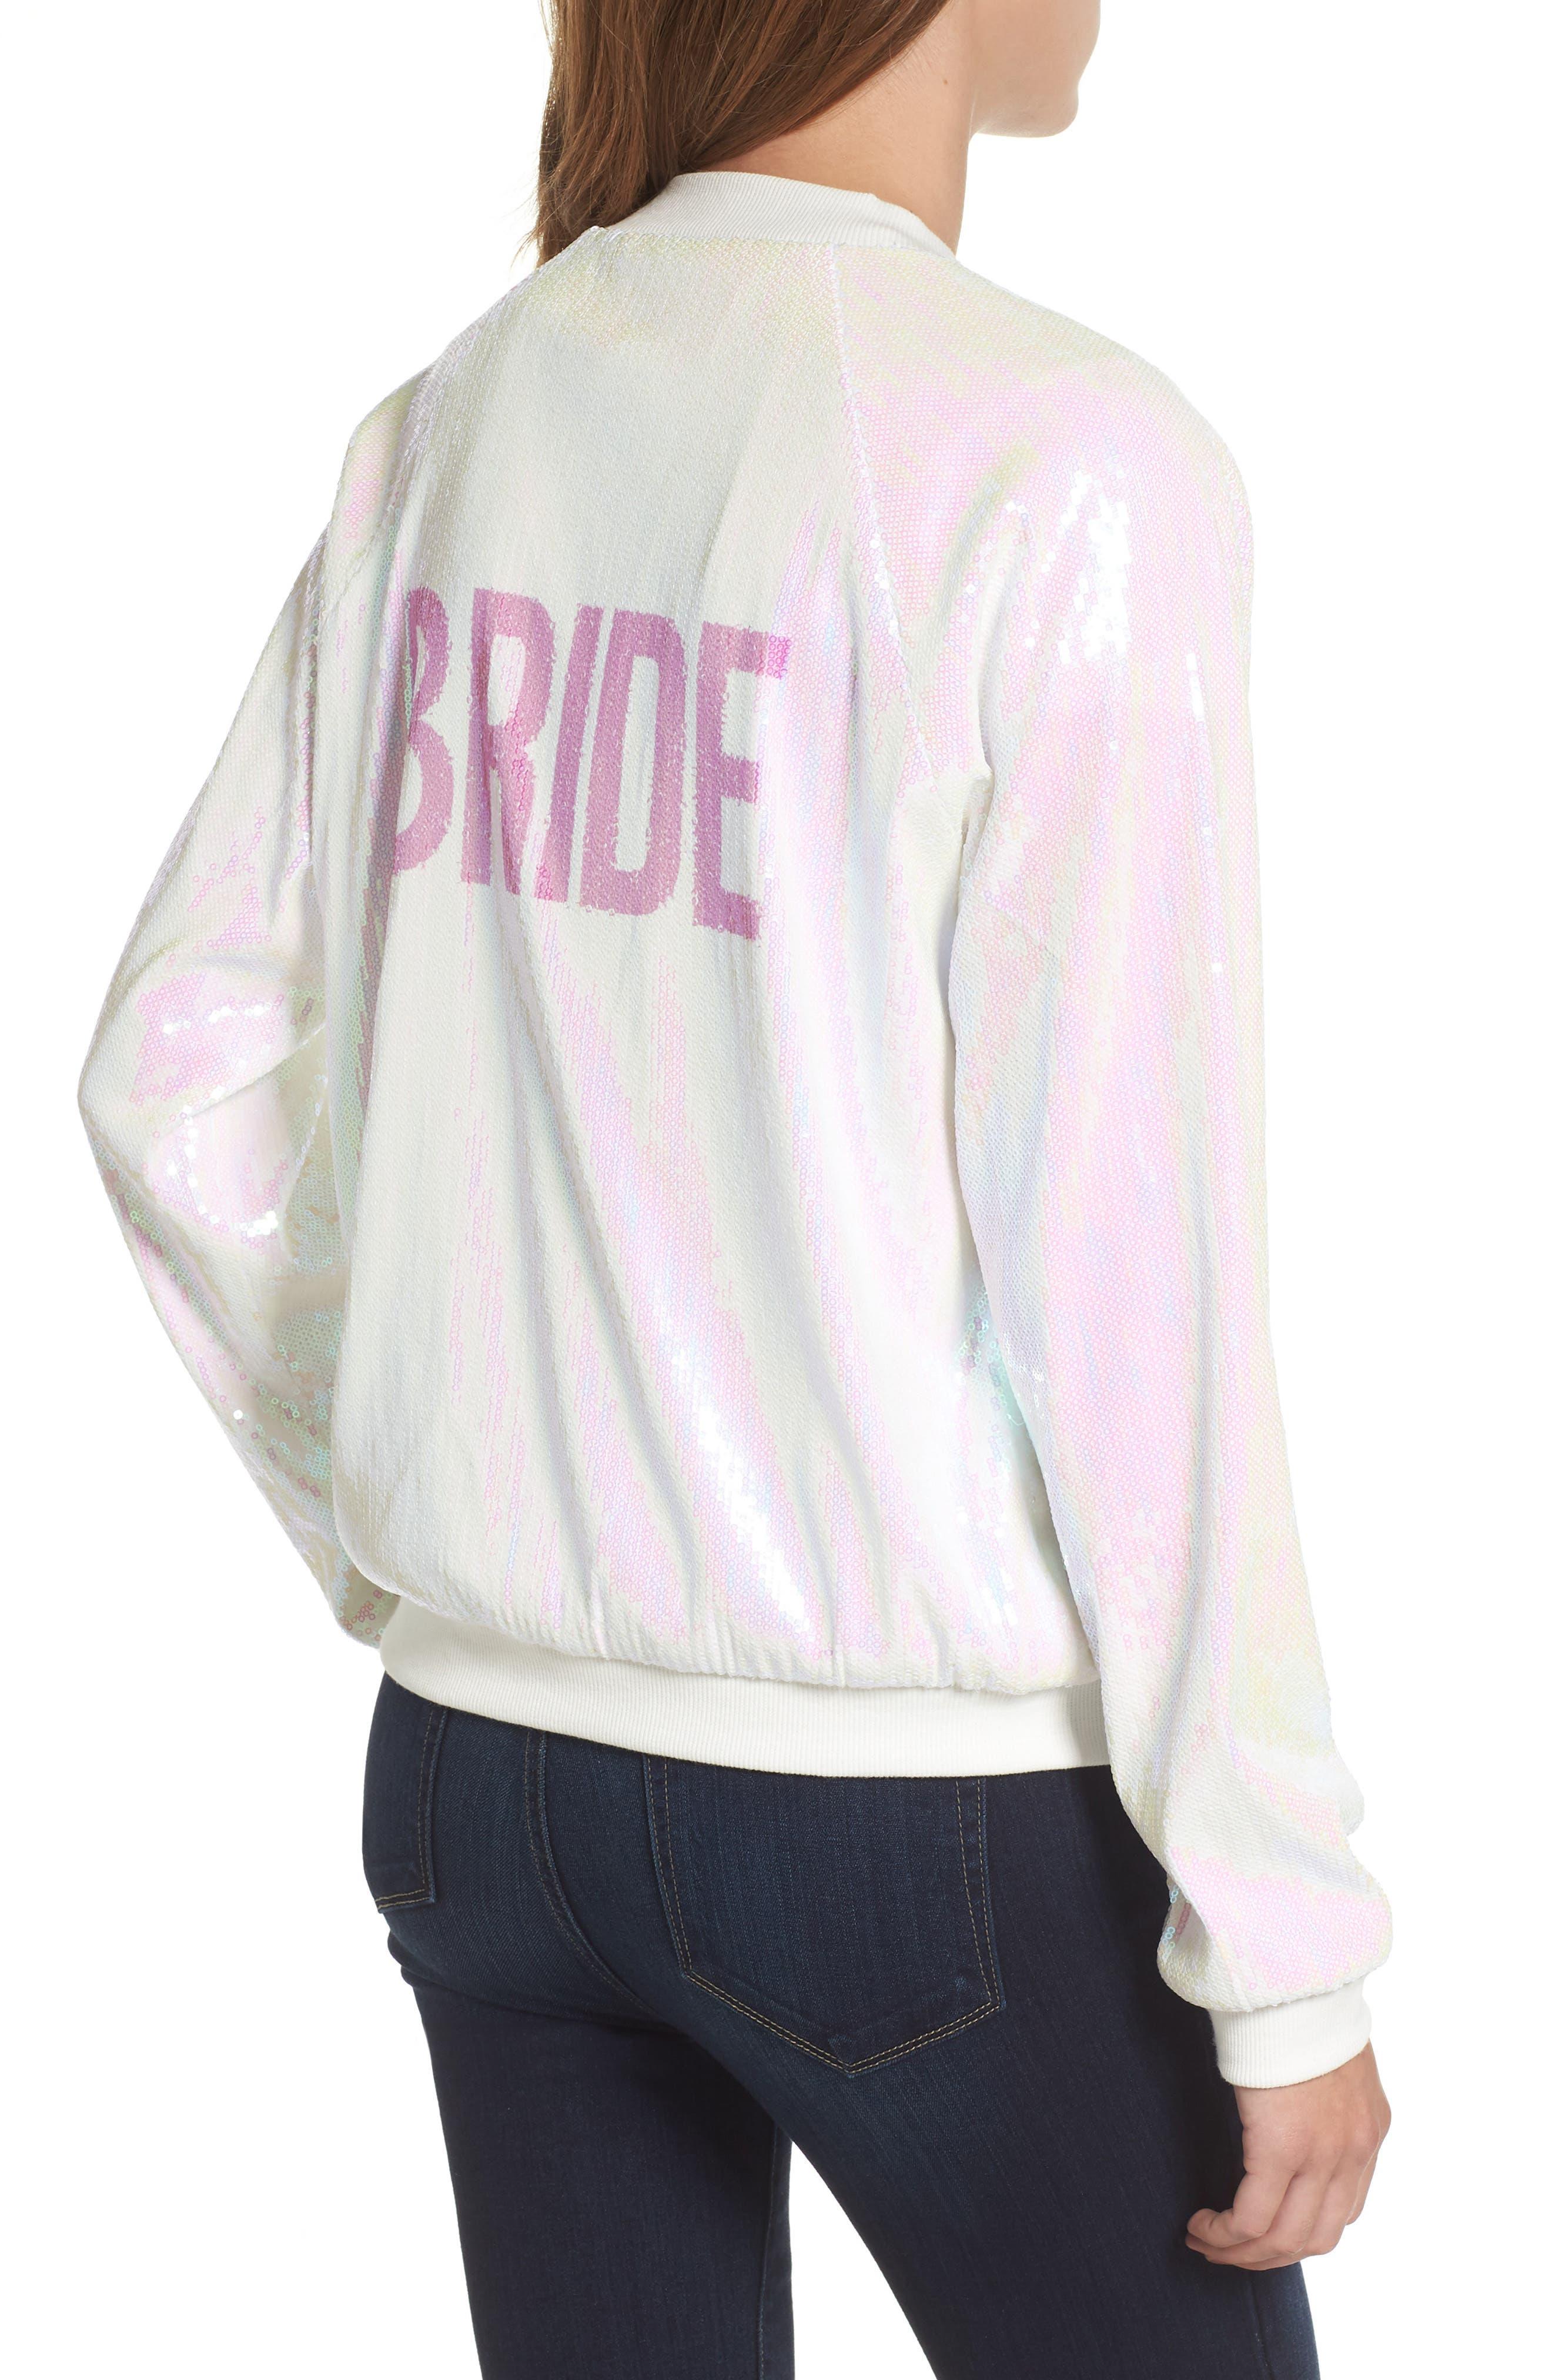 Sparkle Bride Bomber Jacket,                             Alternate thumbnail 2, color,                             Sparkle Bride